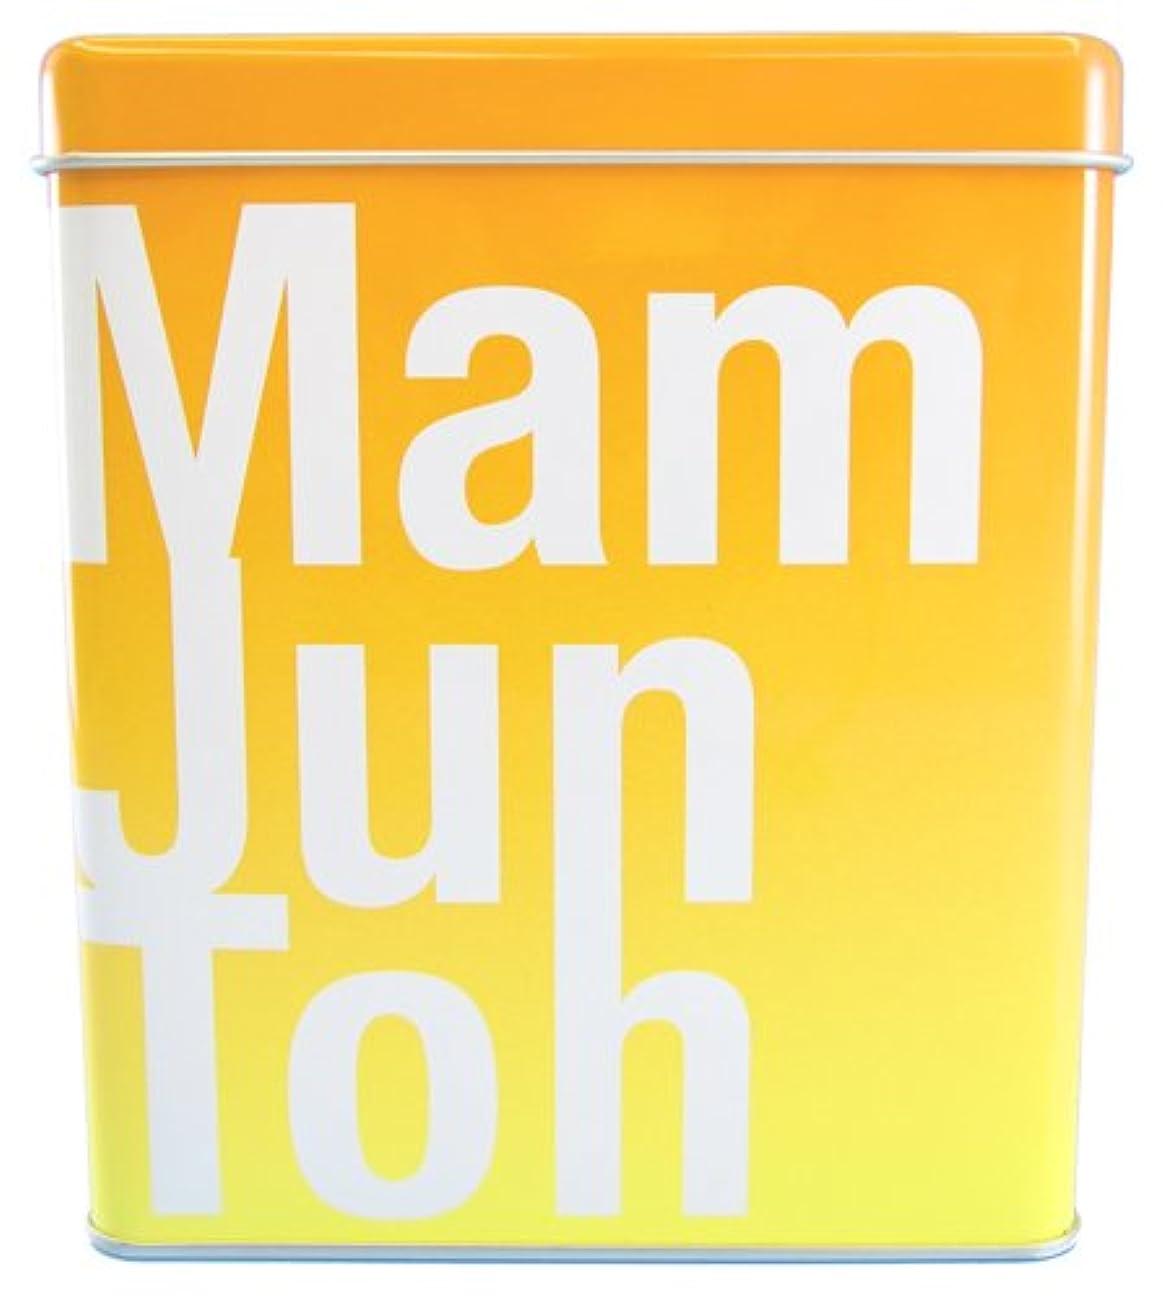 時協会奨励します蔓潤湯 椿 パラダイス山元責任監修 薬用入浴剤 天然ビターオレンジの香り 750g